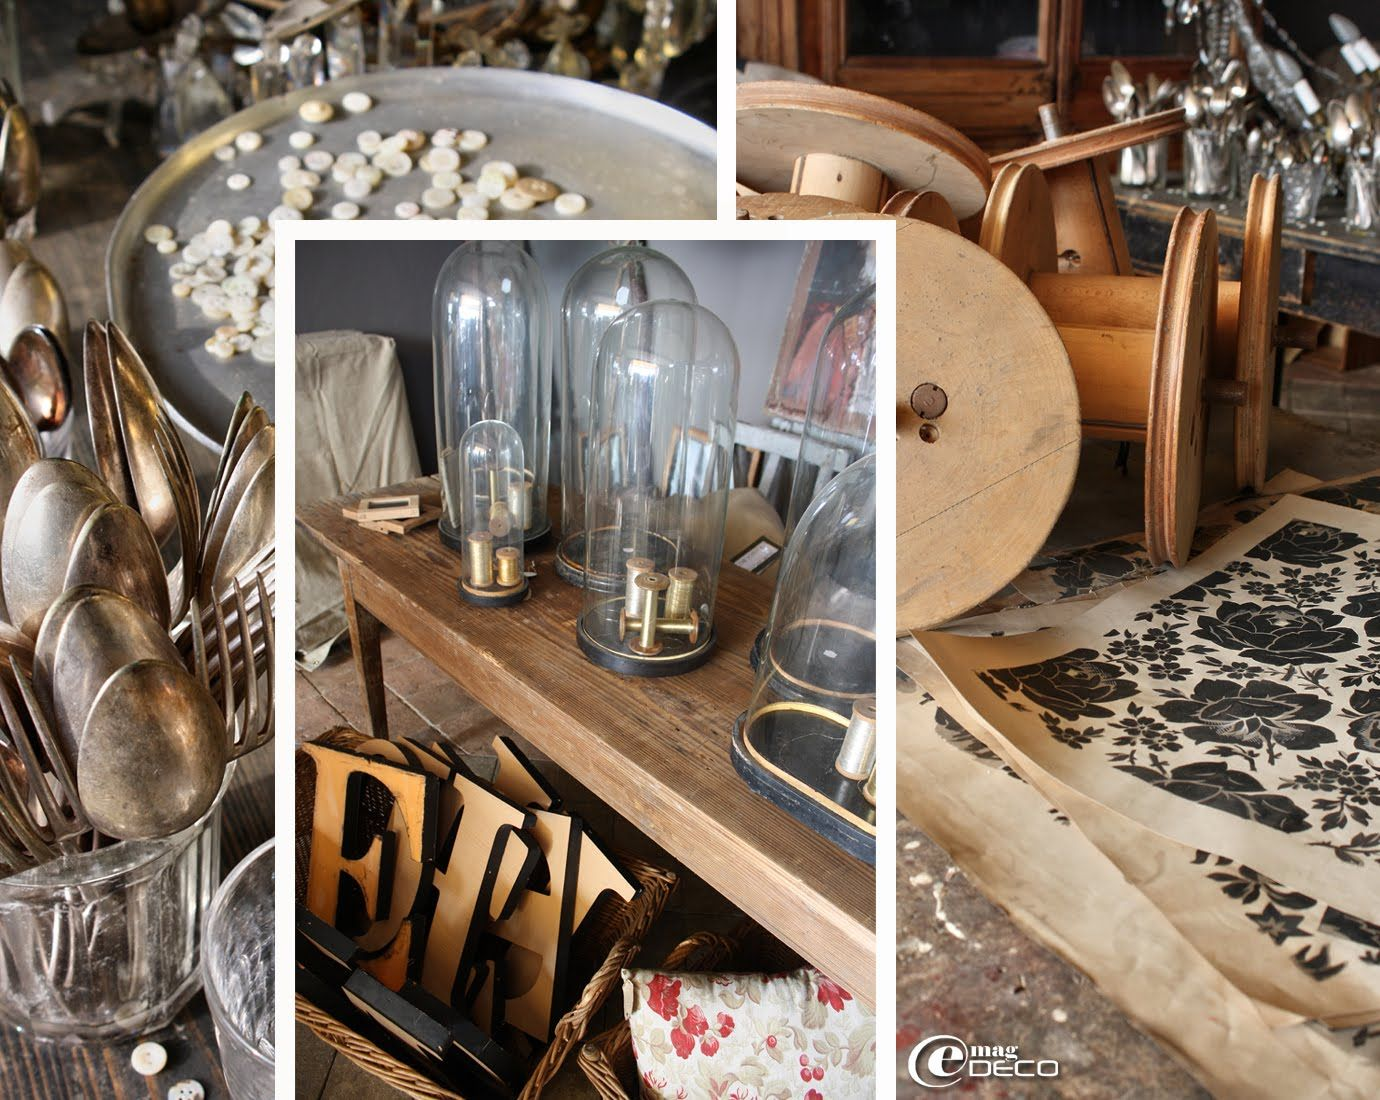 e magdeco magazine de d coration l 39 int rieur vintage d 39 une chineuse industrial chic. Black Bedroom Furniture Sets. Home Design Ideas